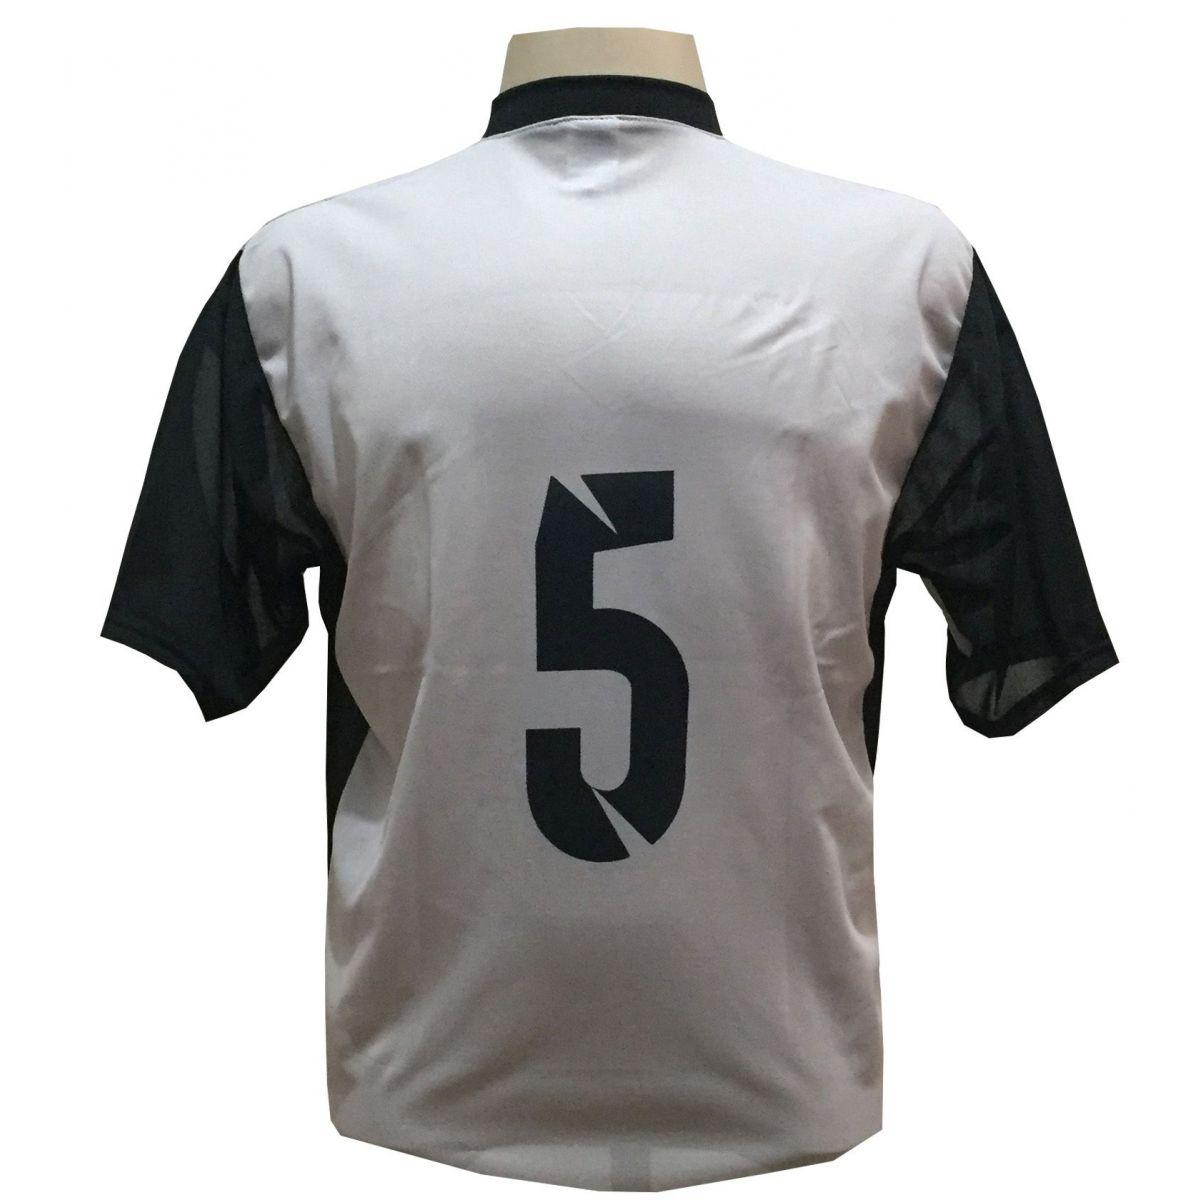 Jogo de Camisa Promocional com 18 Peças Numeradas Modelo Attack Cinza/Preto